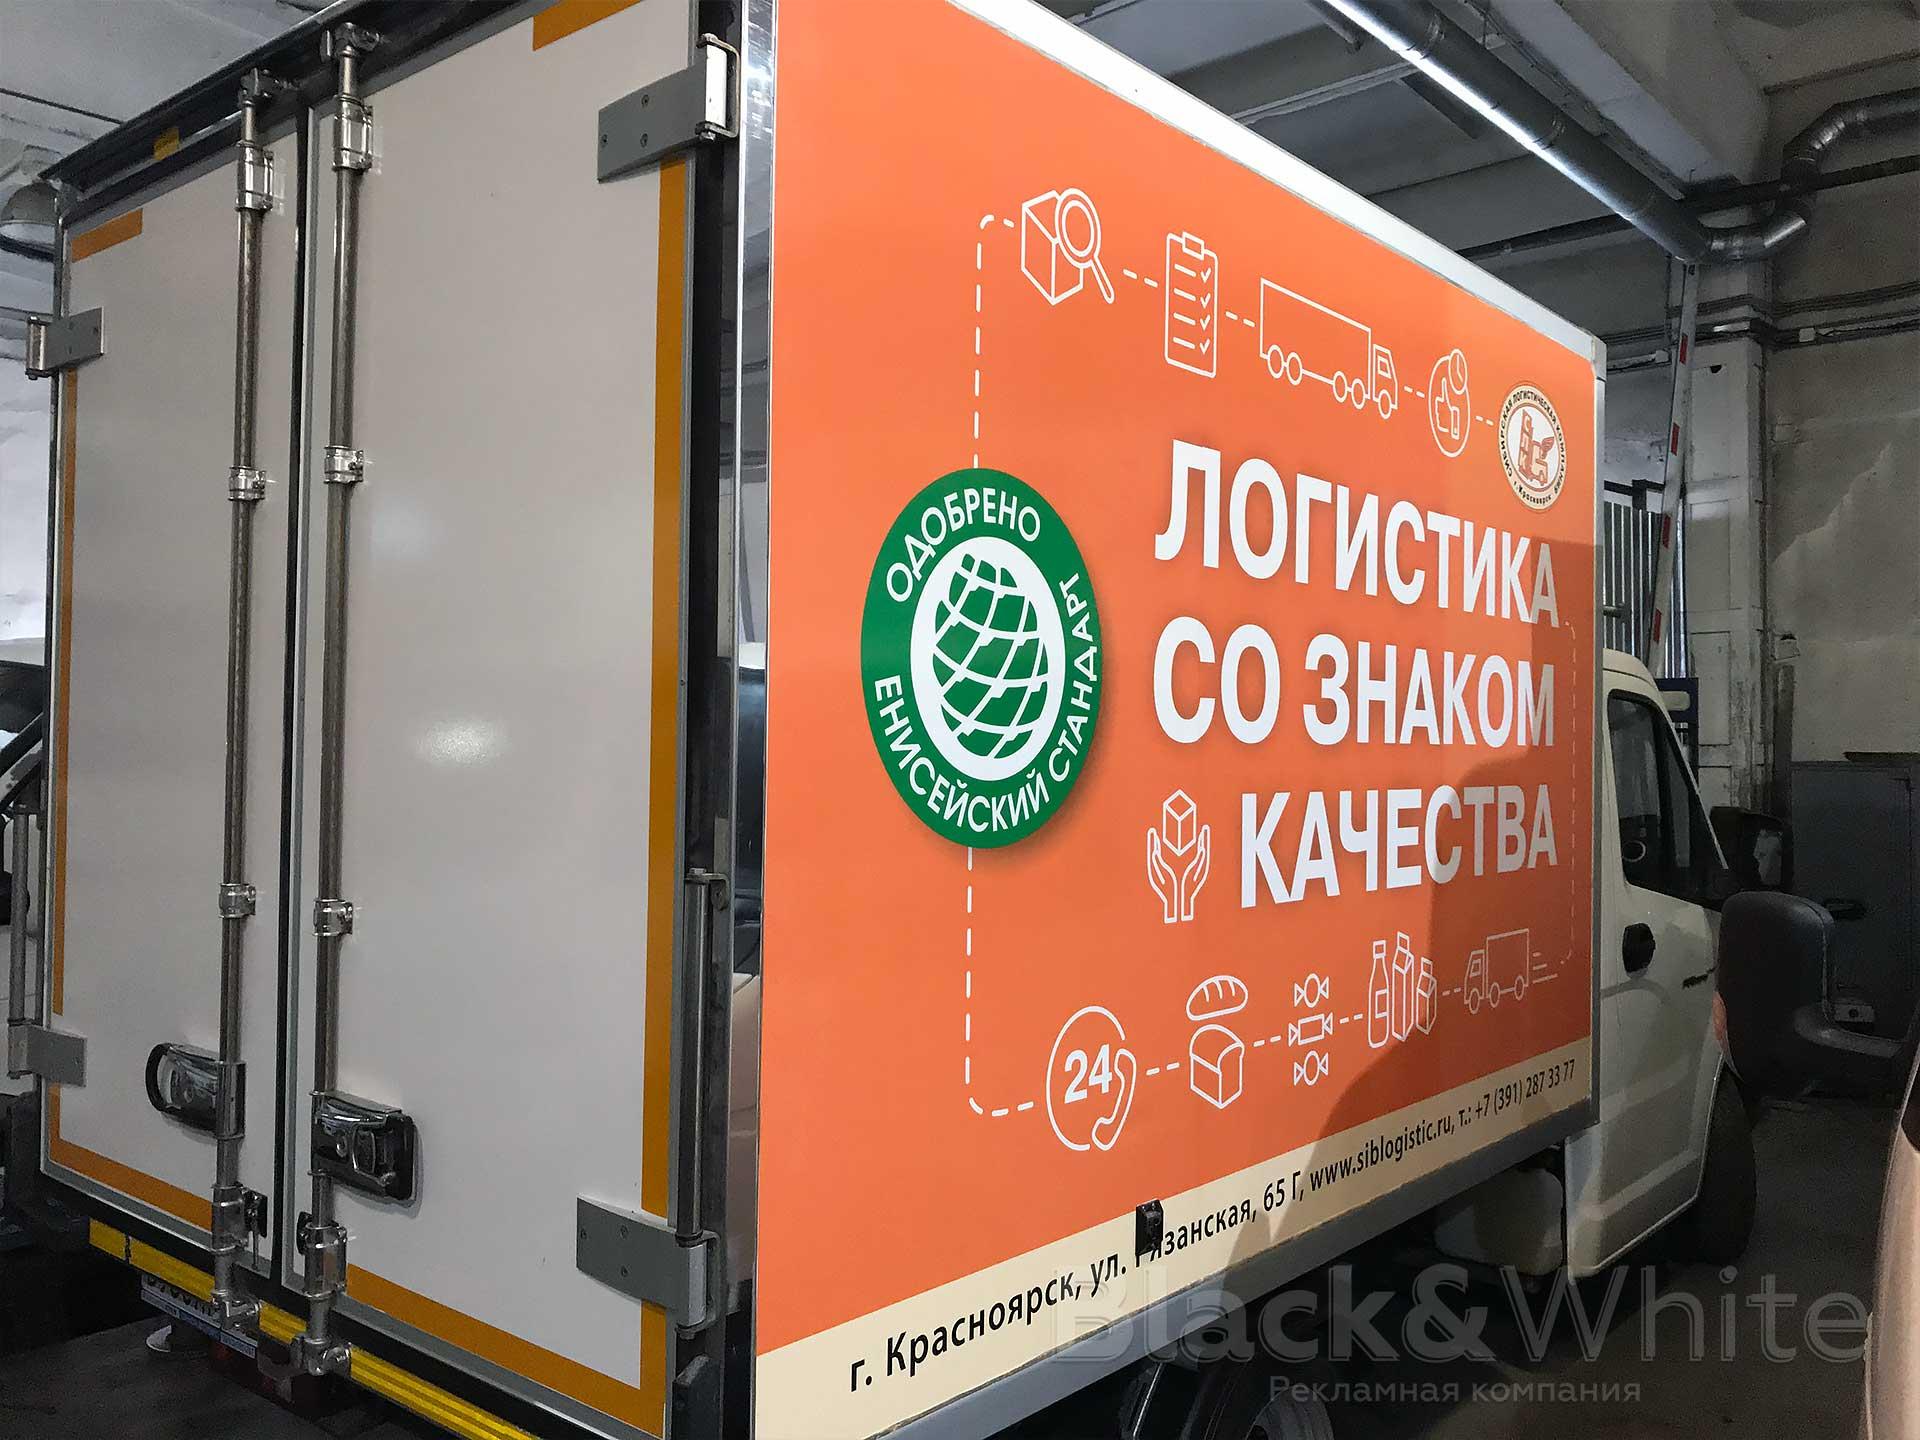 Брендирование-грузовых-автомобилей-виниловой-плёнкой-в-красноярске-Black&White..jpg